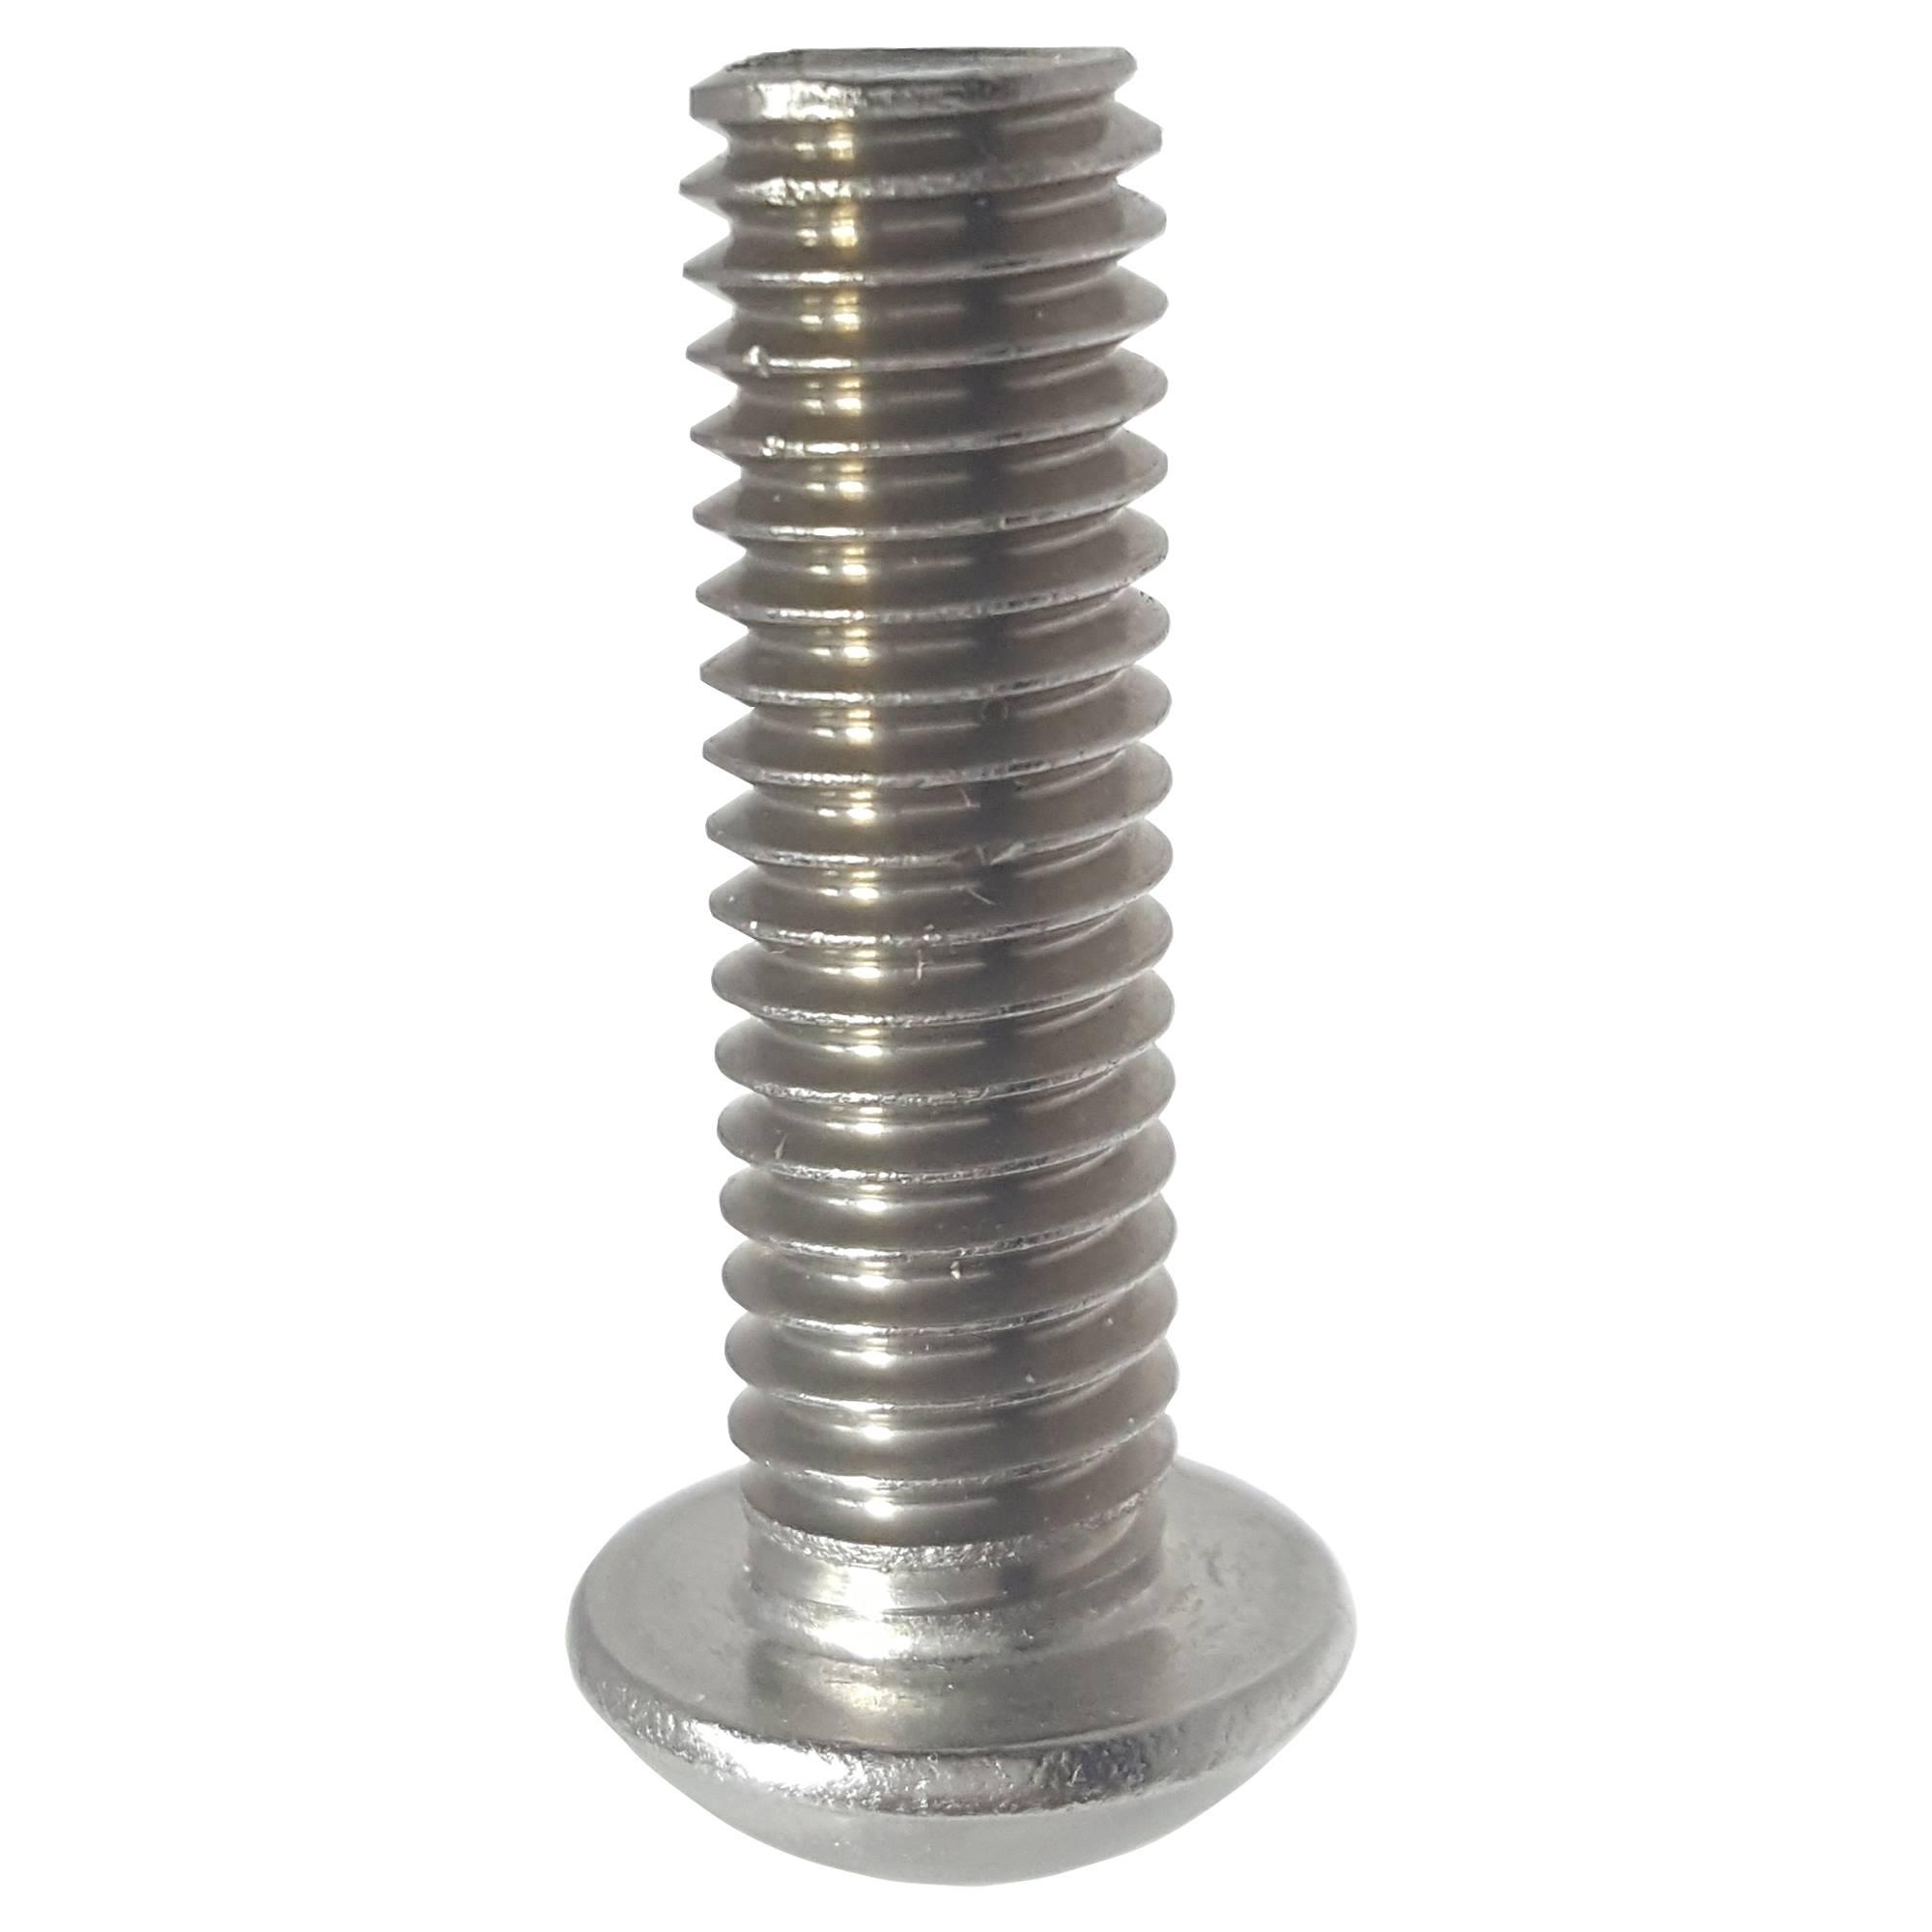 Linsenkopfschraube ISK 8-32 UNC x 3//8 schwarz Socket Button Head Screw Scl